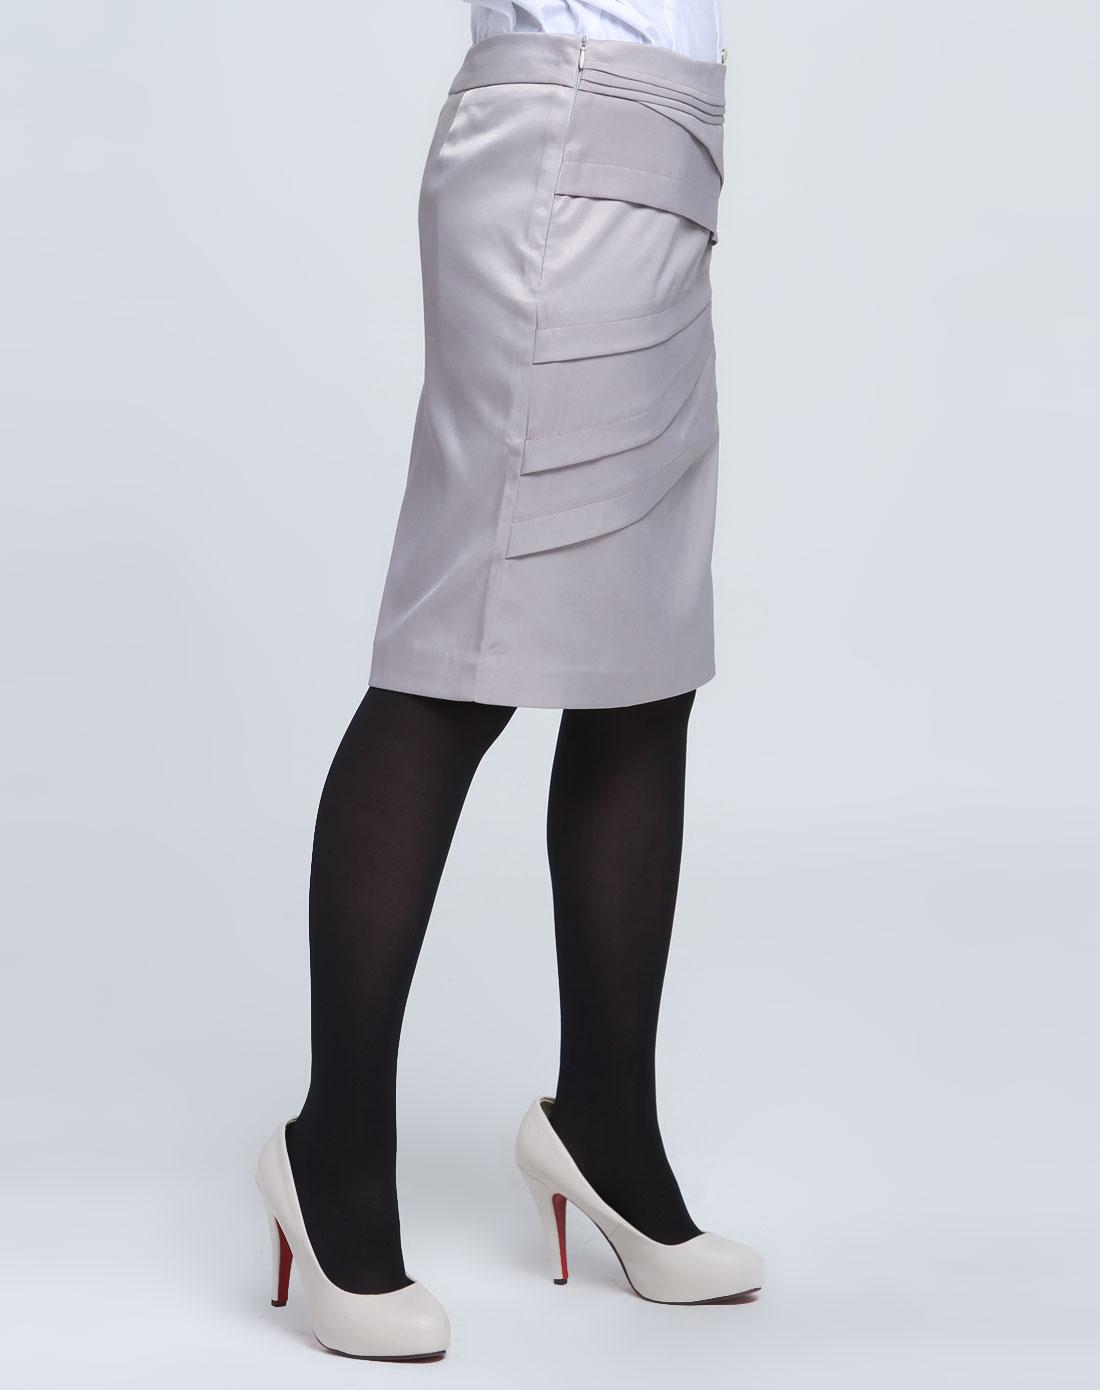 长裤改短裙的步骤图